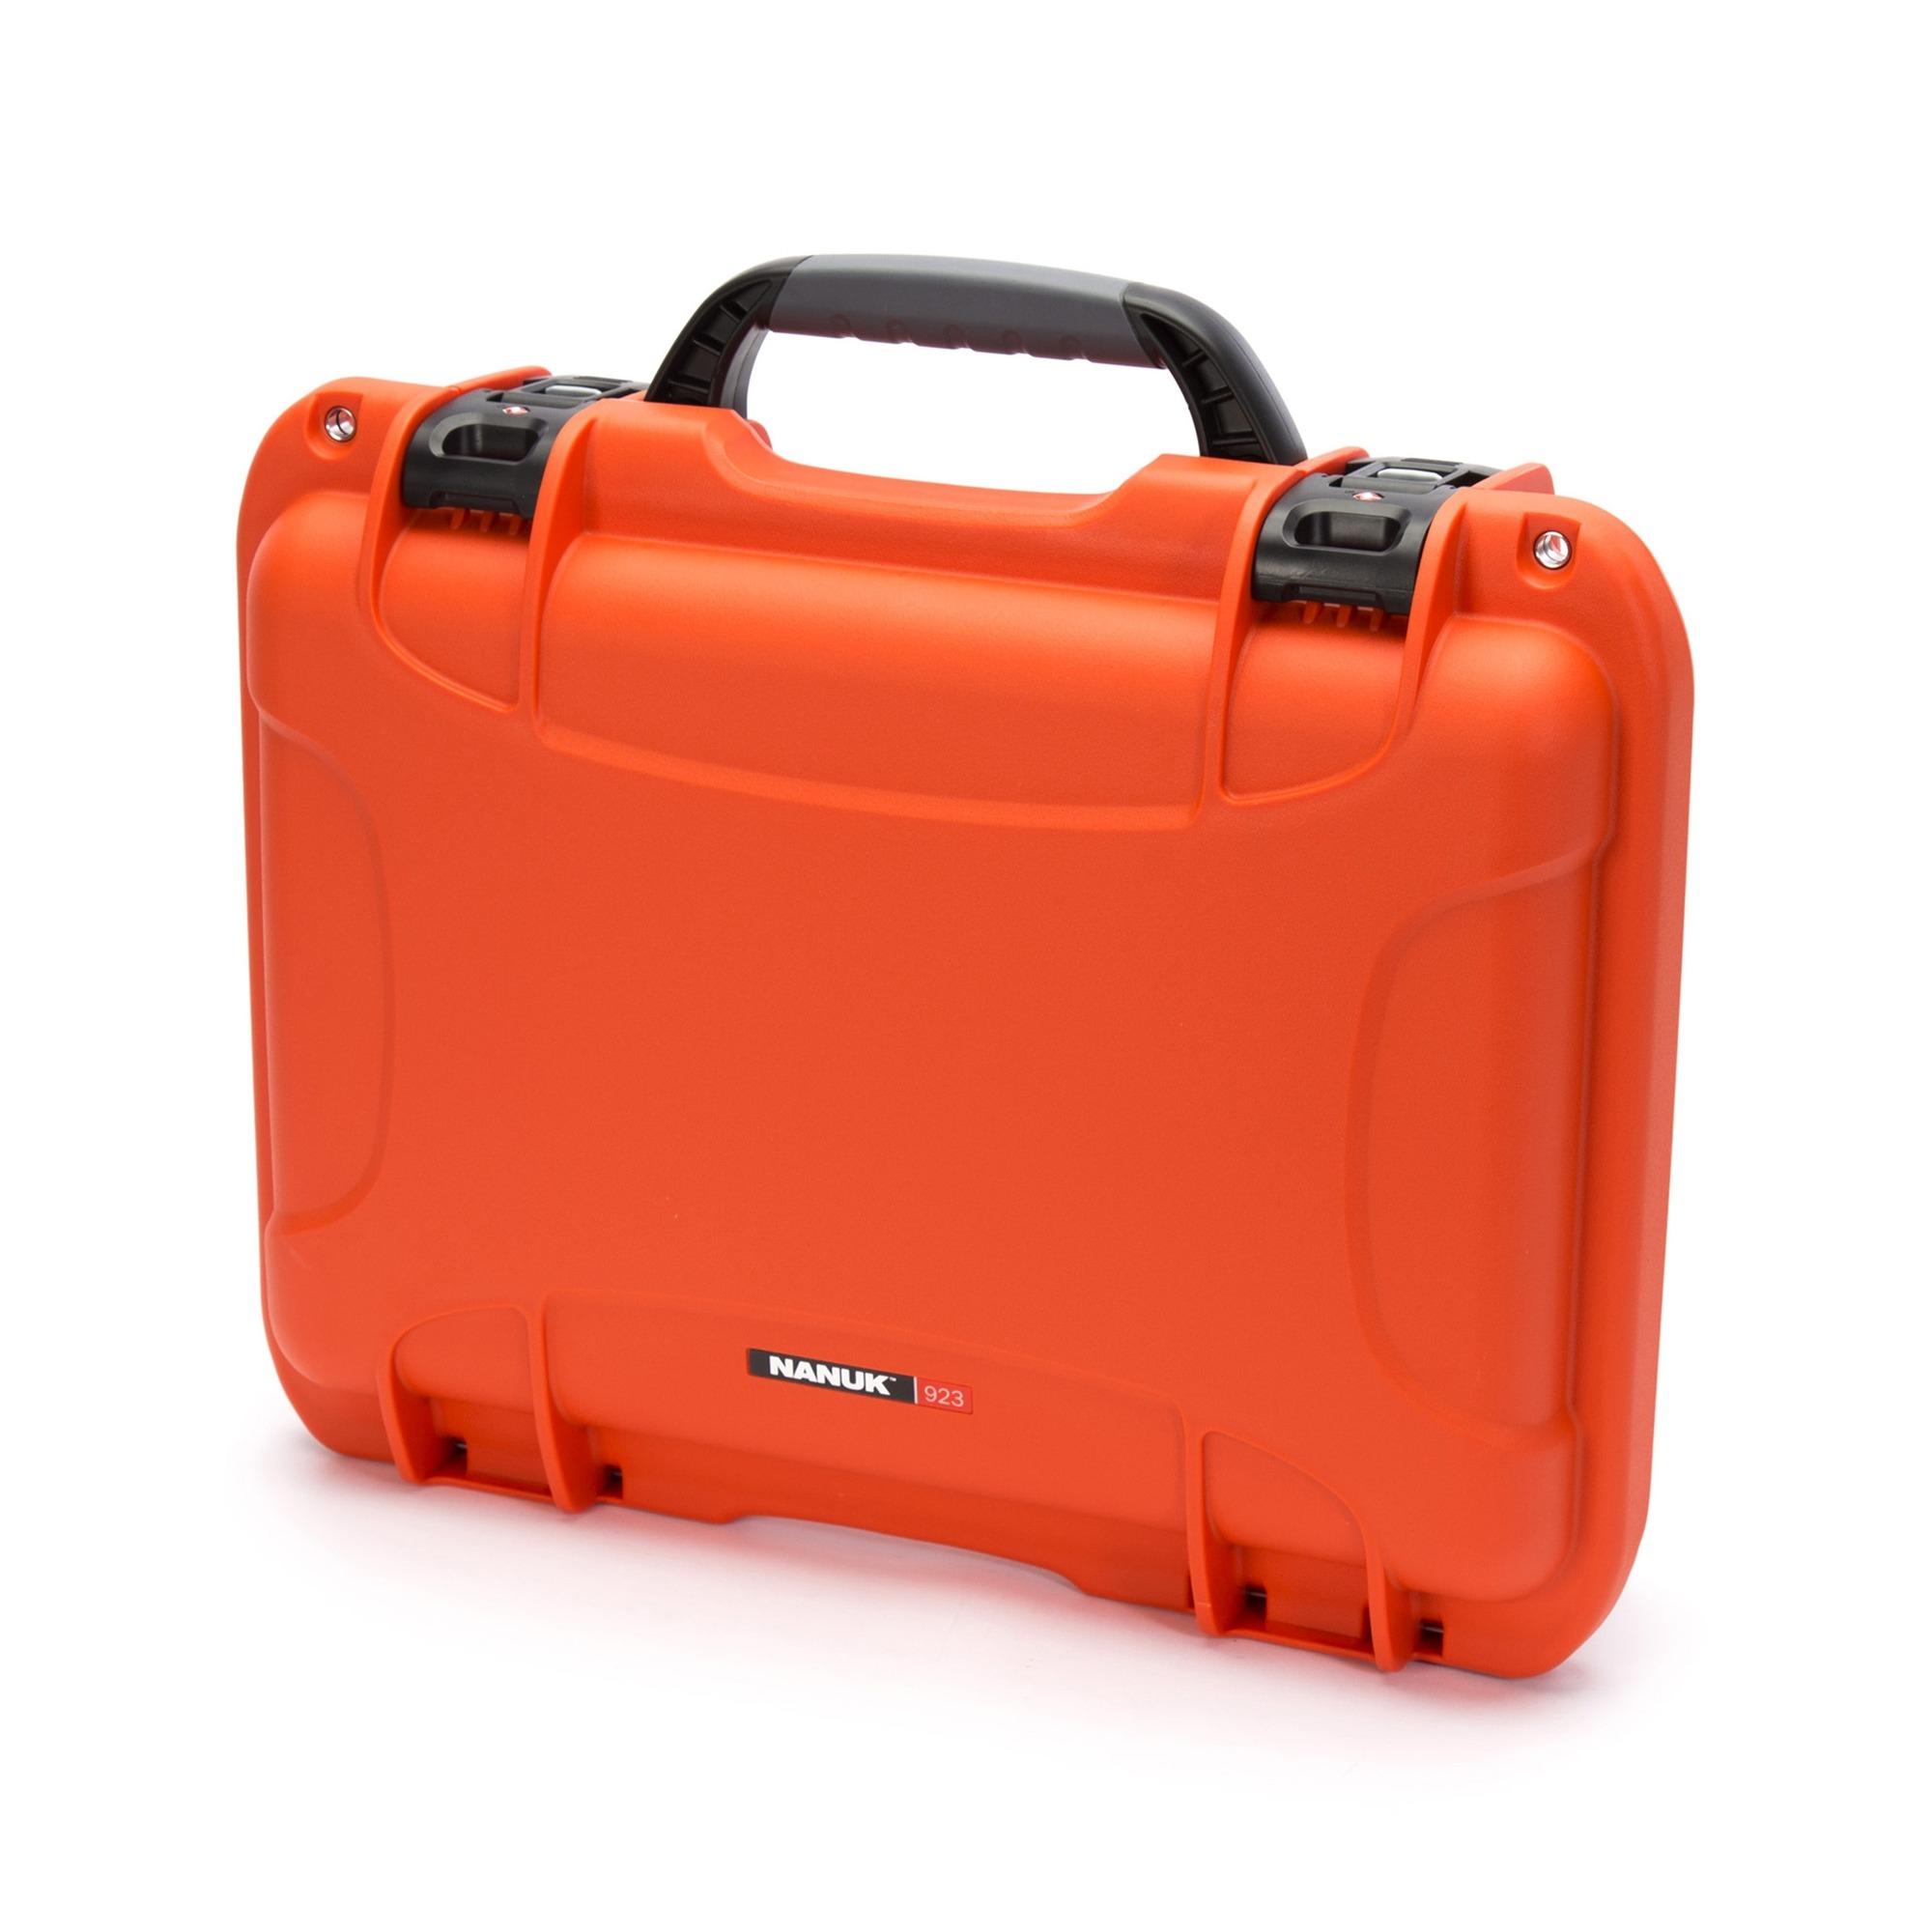 Nanuk 923 – Orange